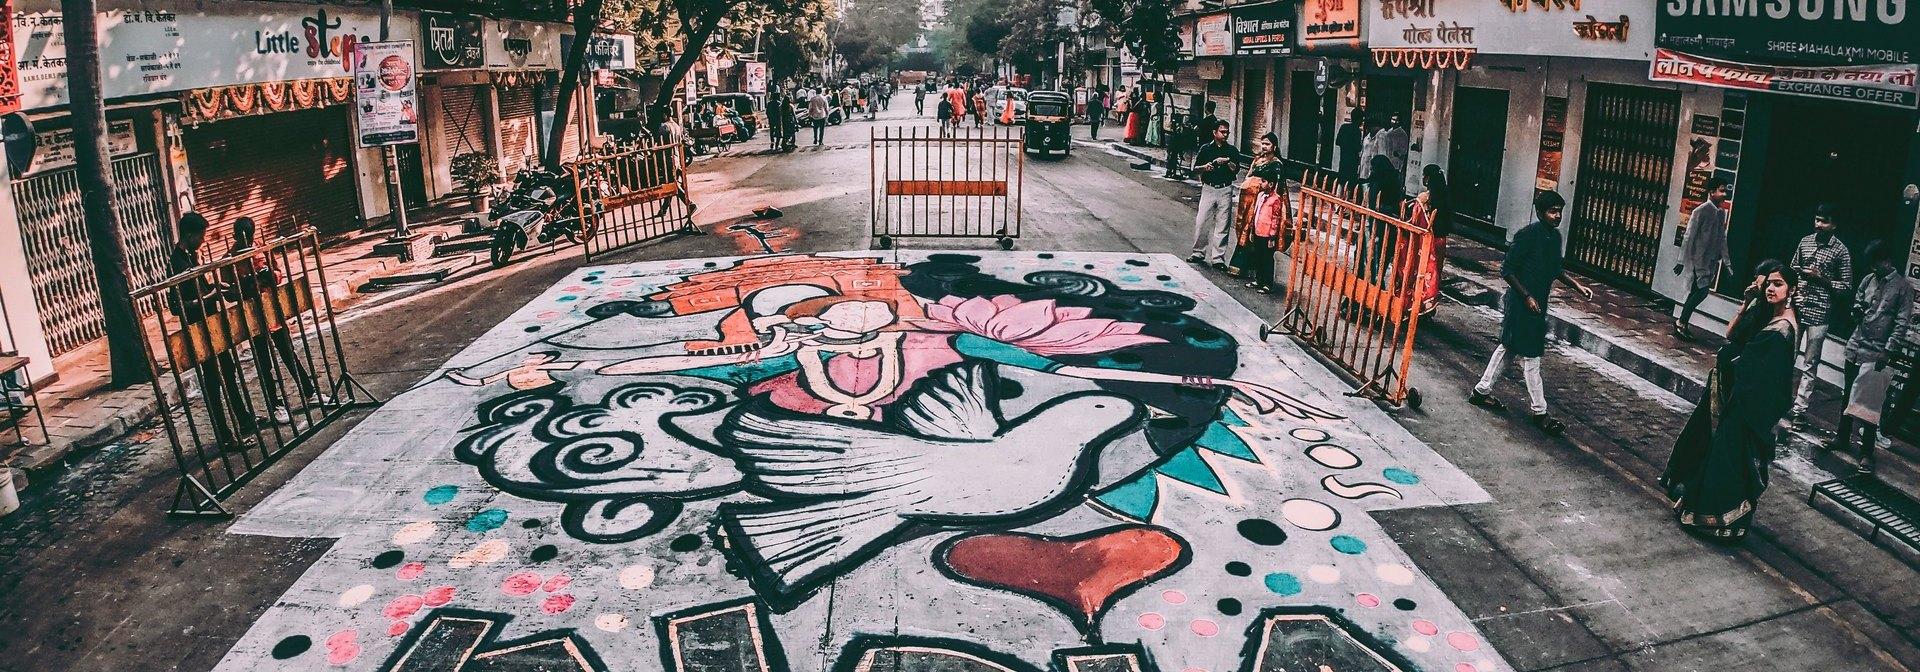 ARTS DE LA RUE / STREET ARTS